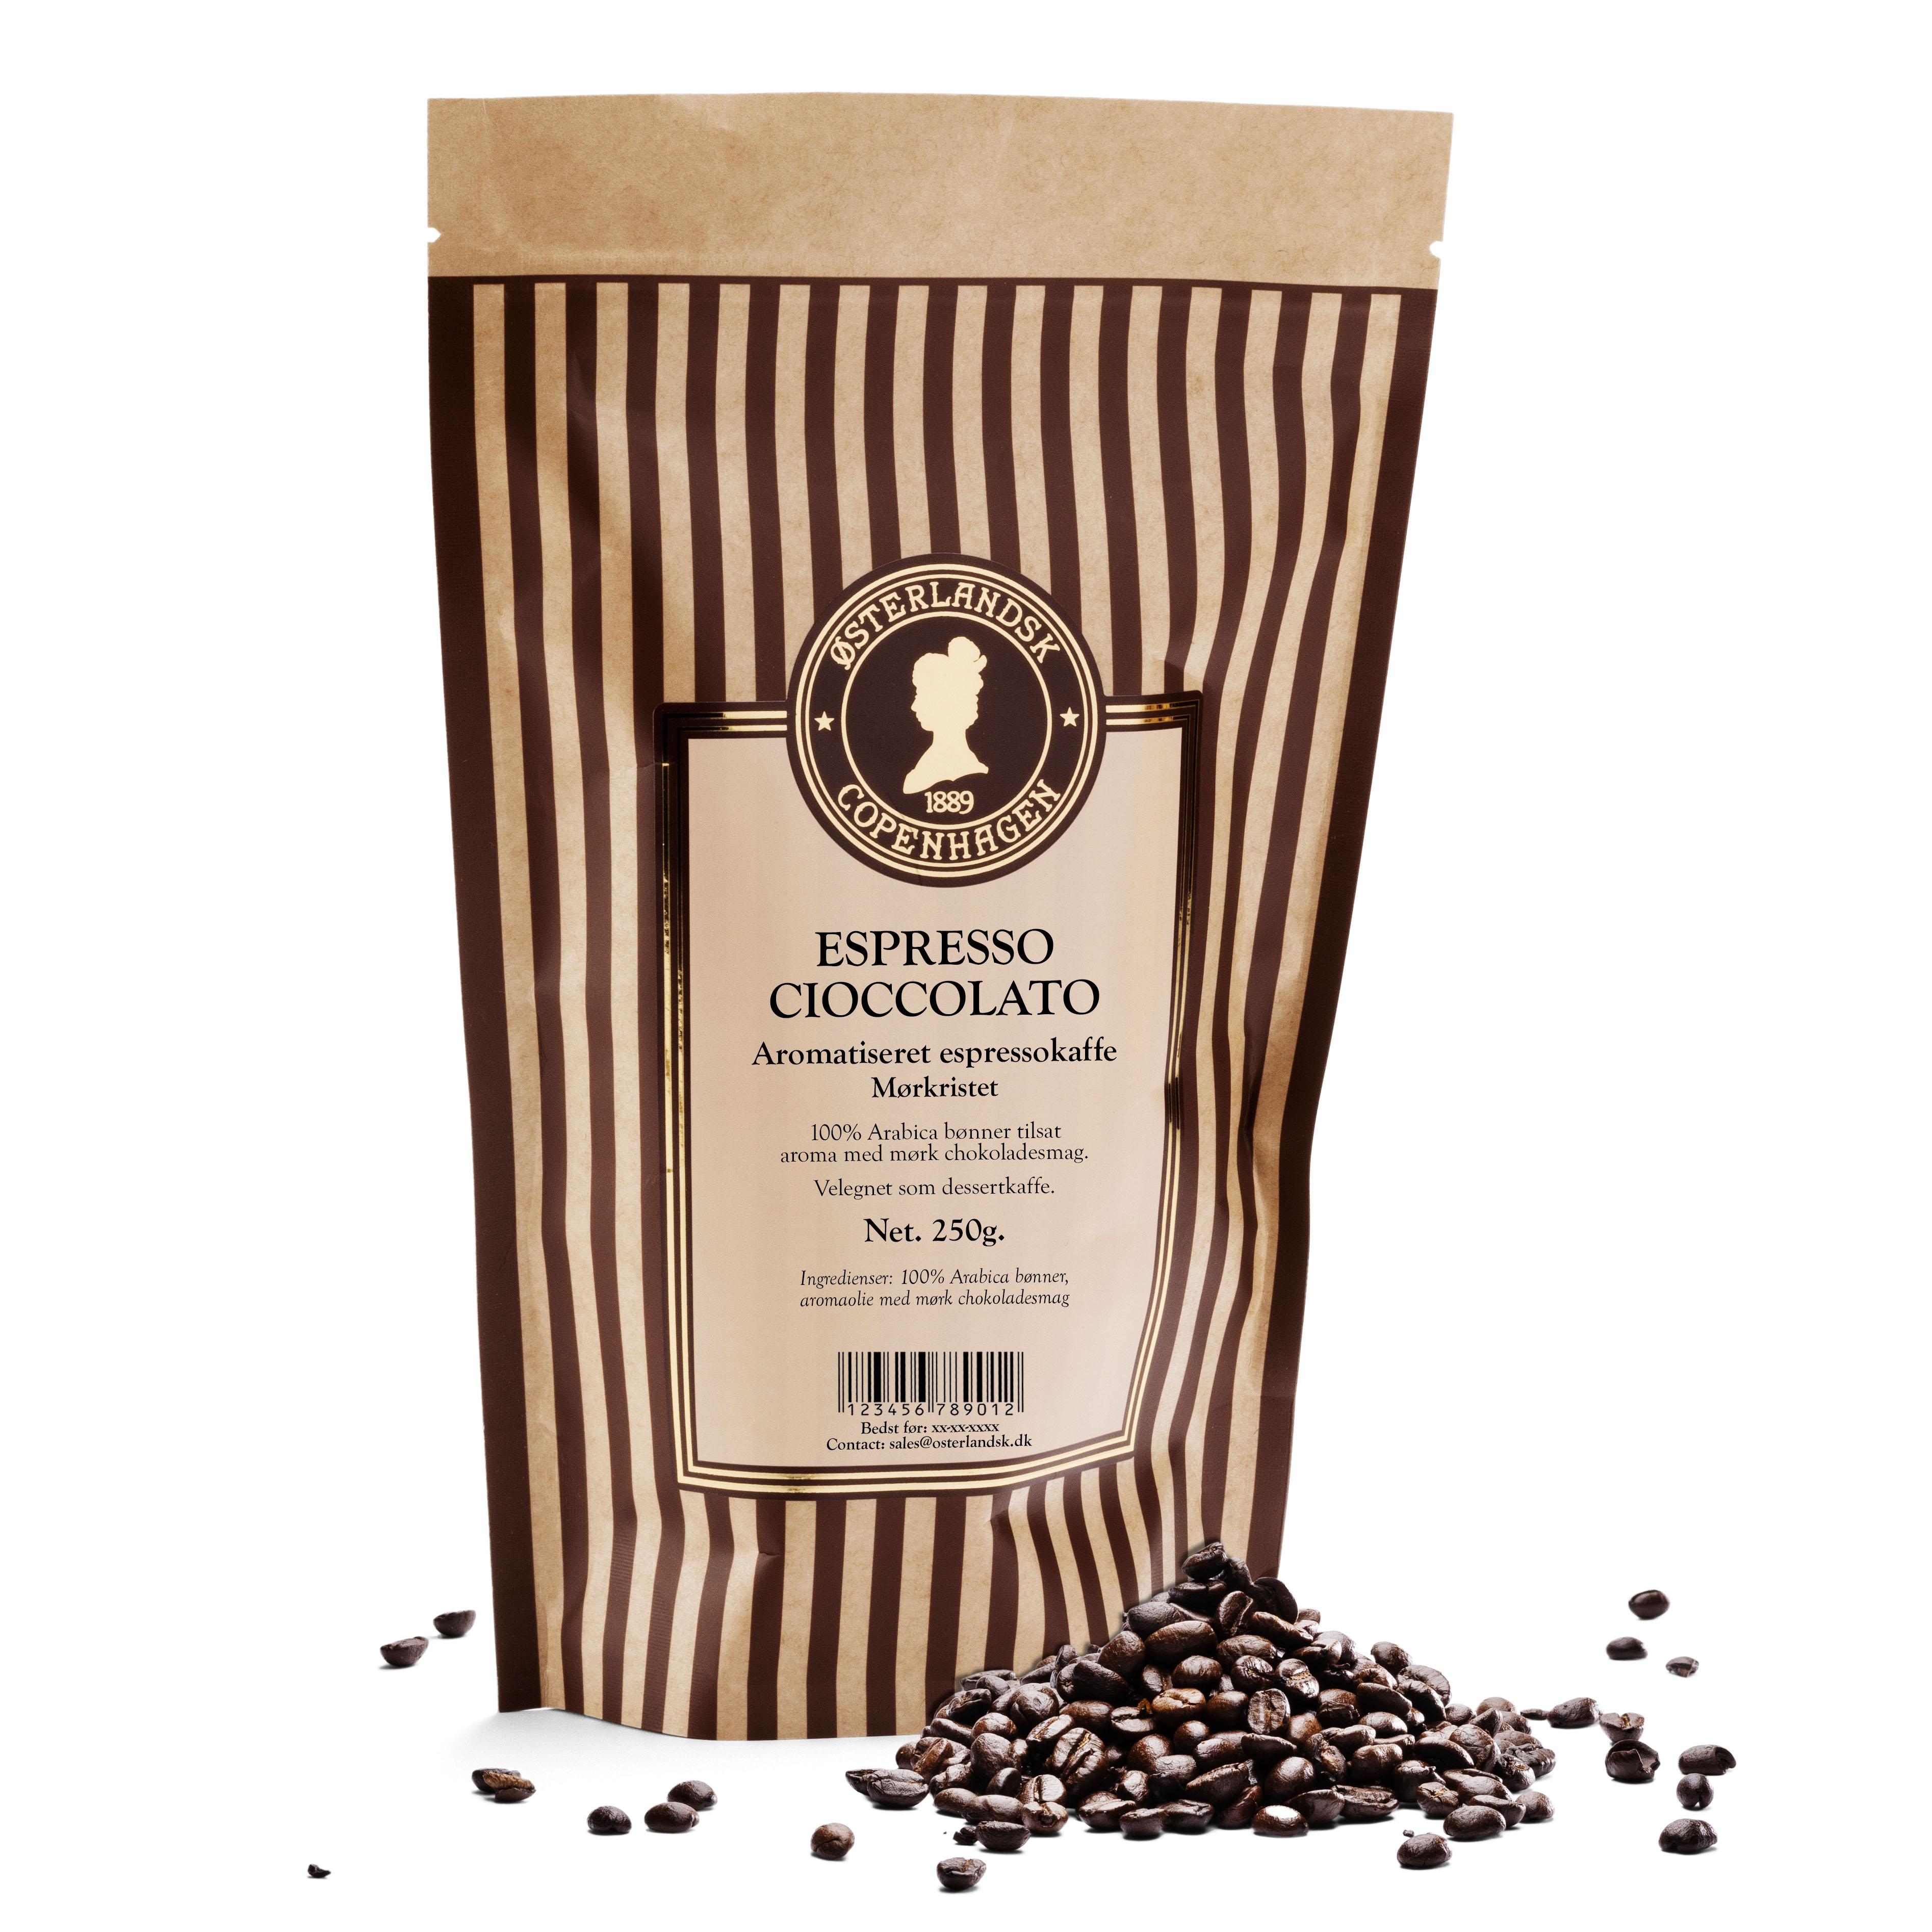 Espresso Cioccolato kaffe 250g